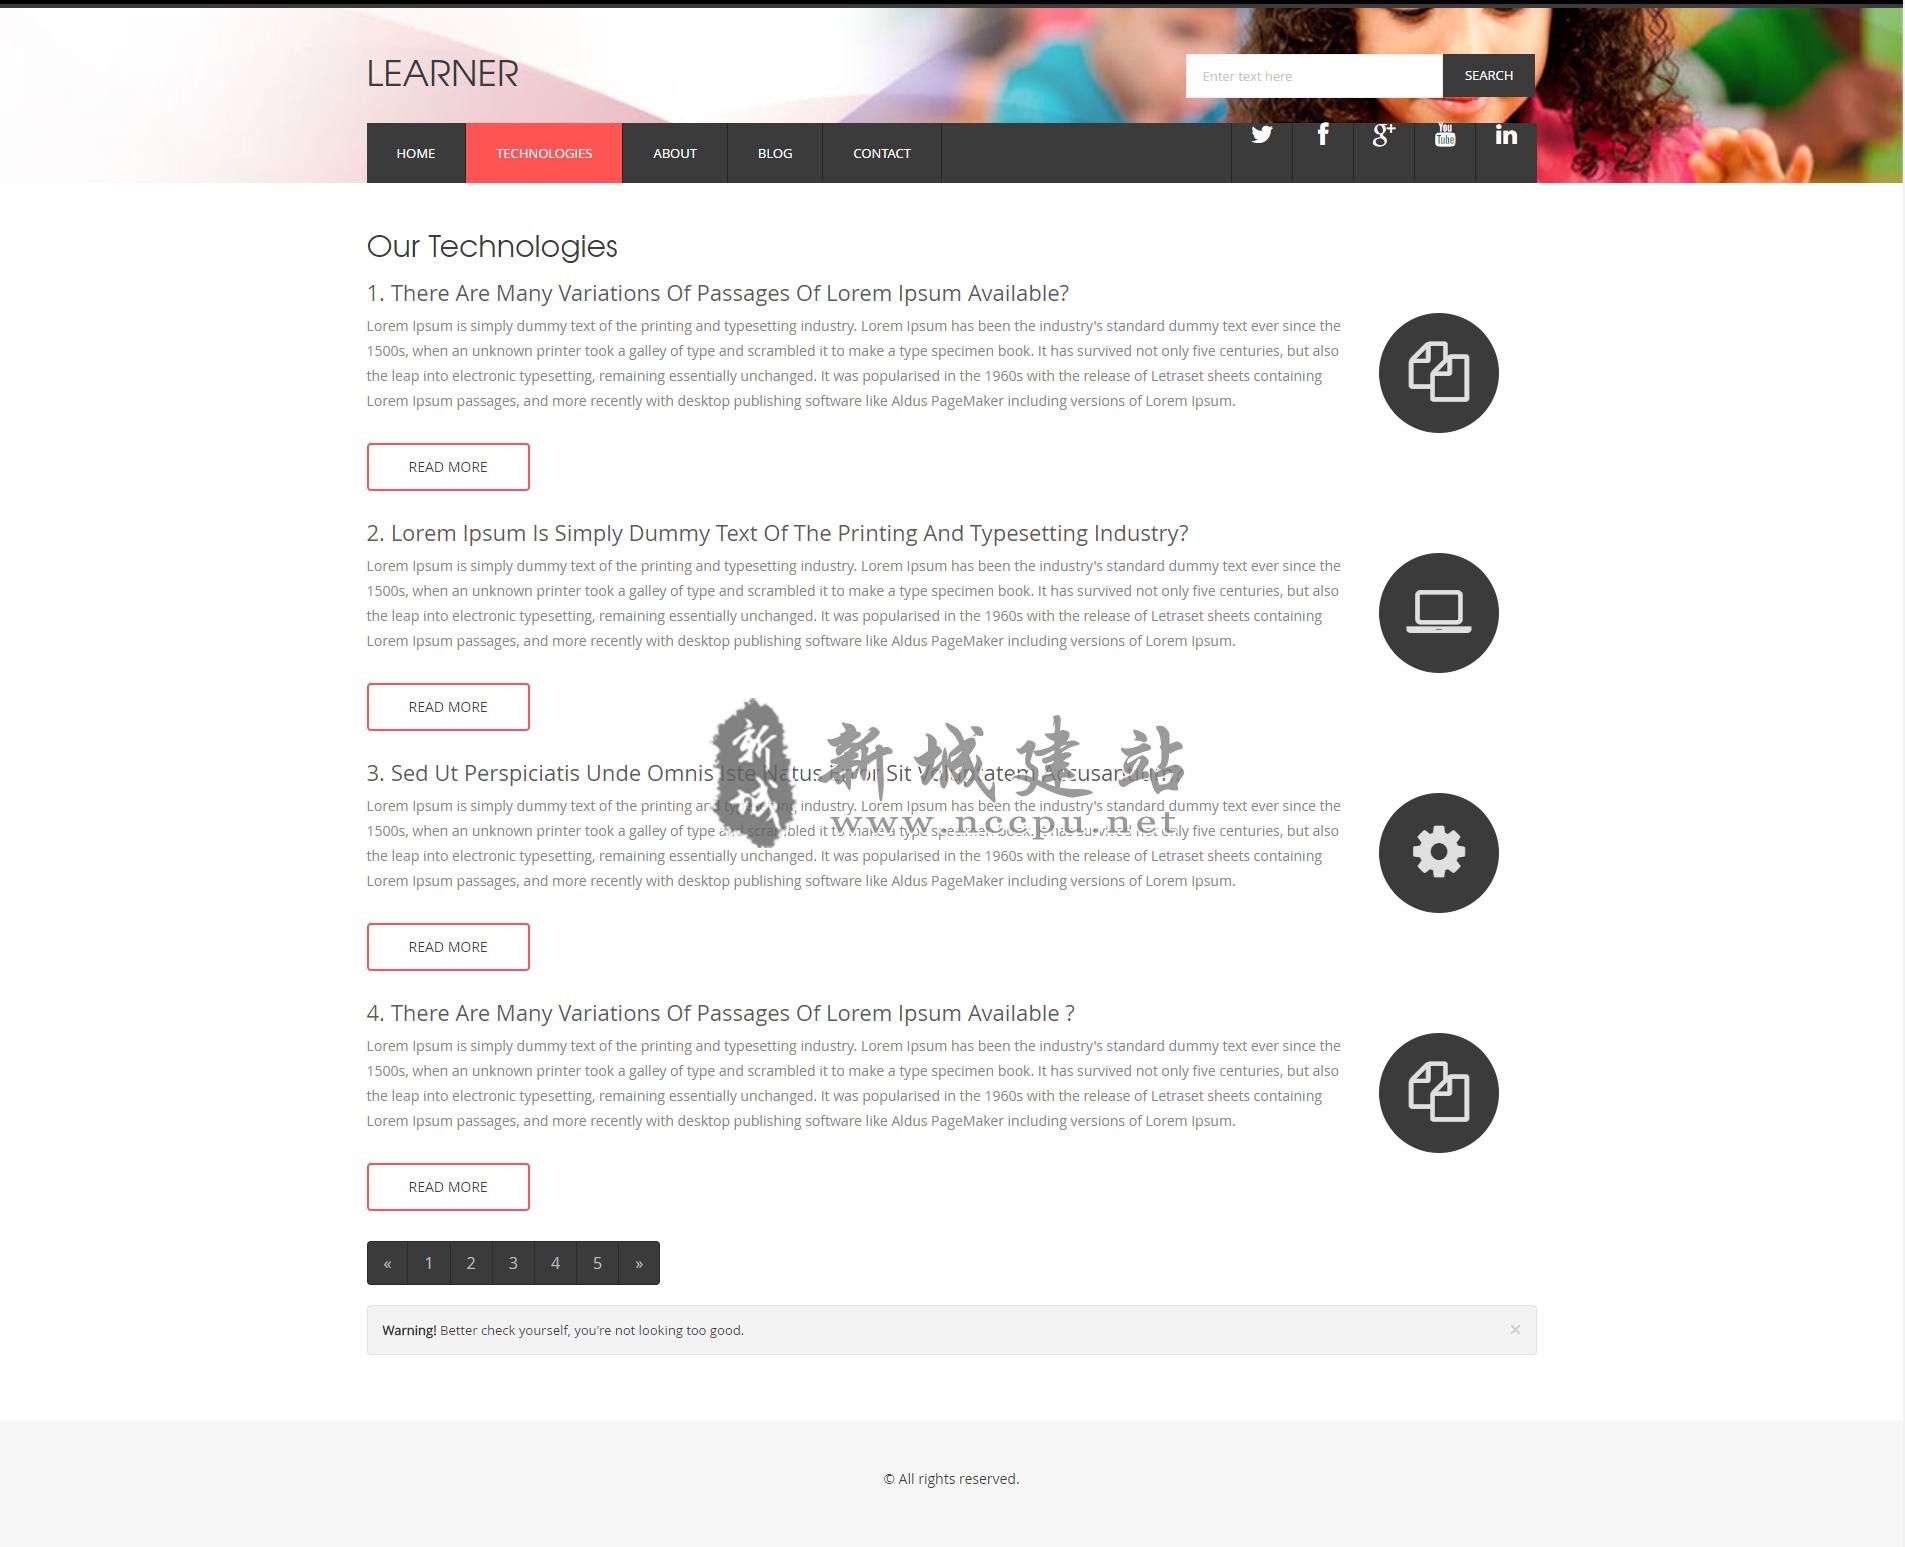 石家庄响应式教育英语培训公司网站案例内页